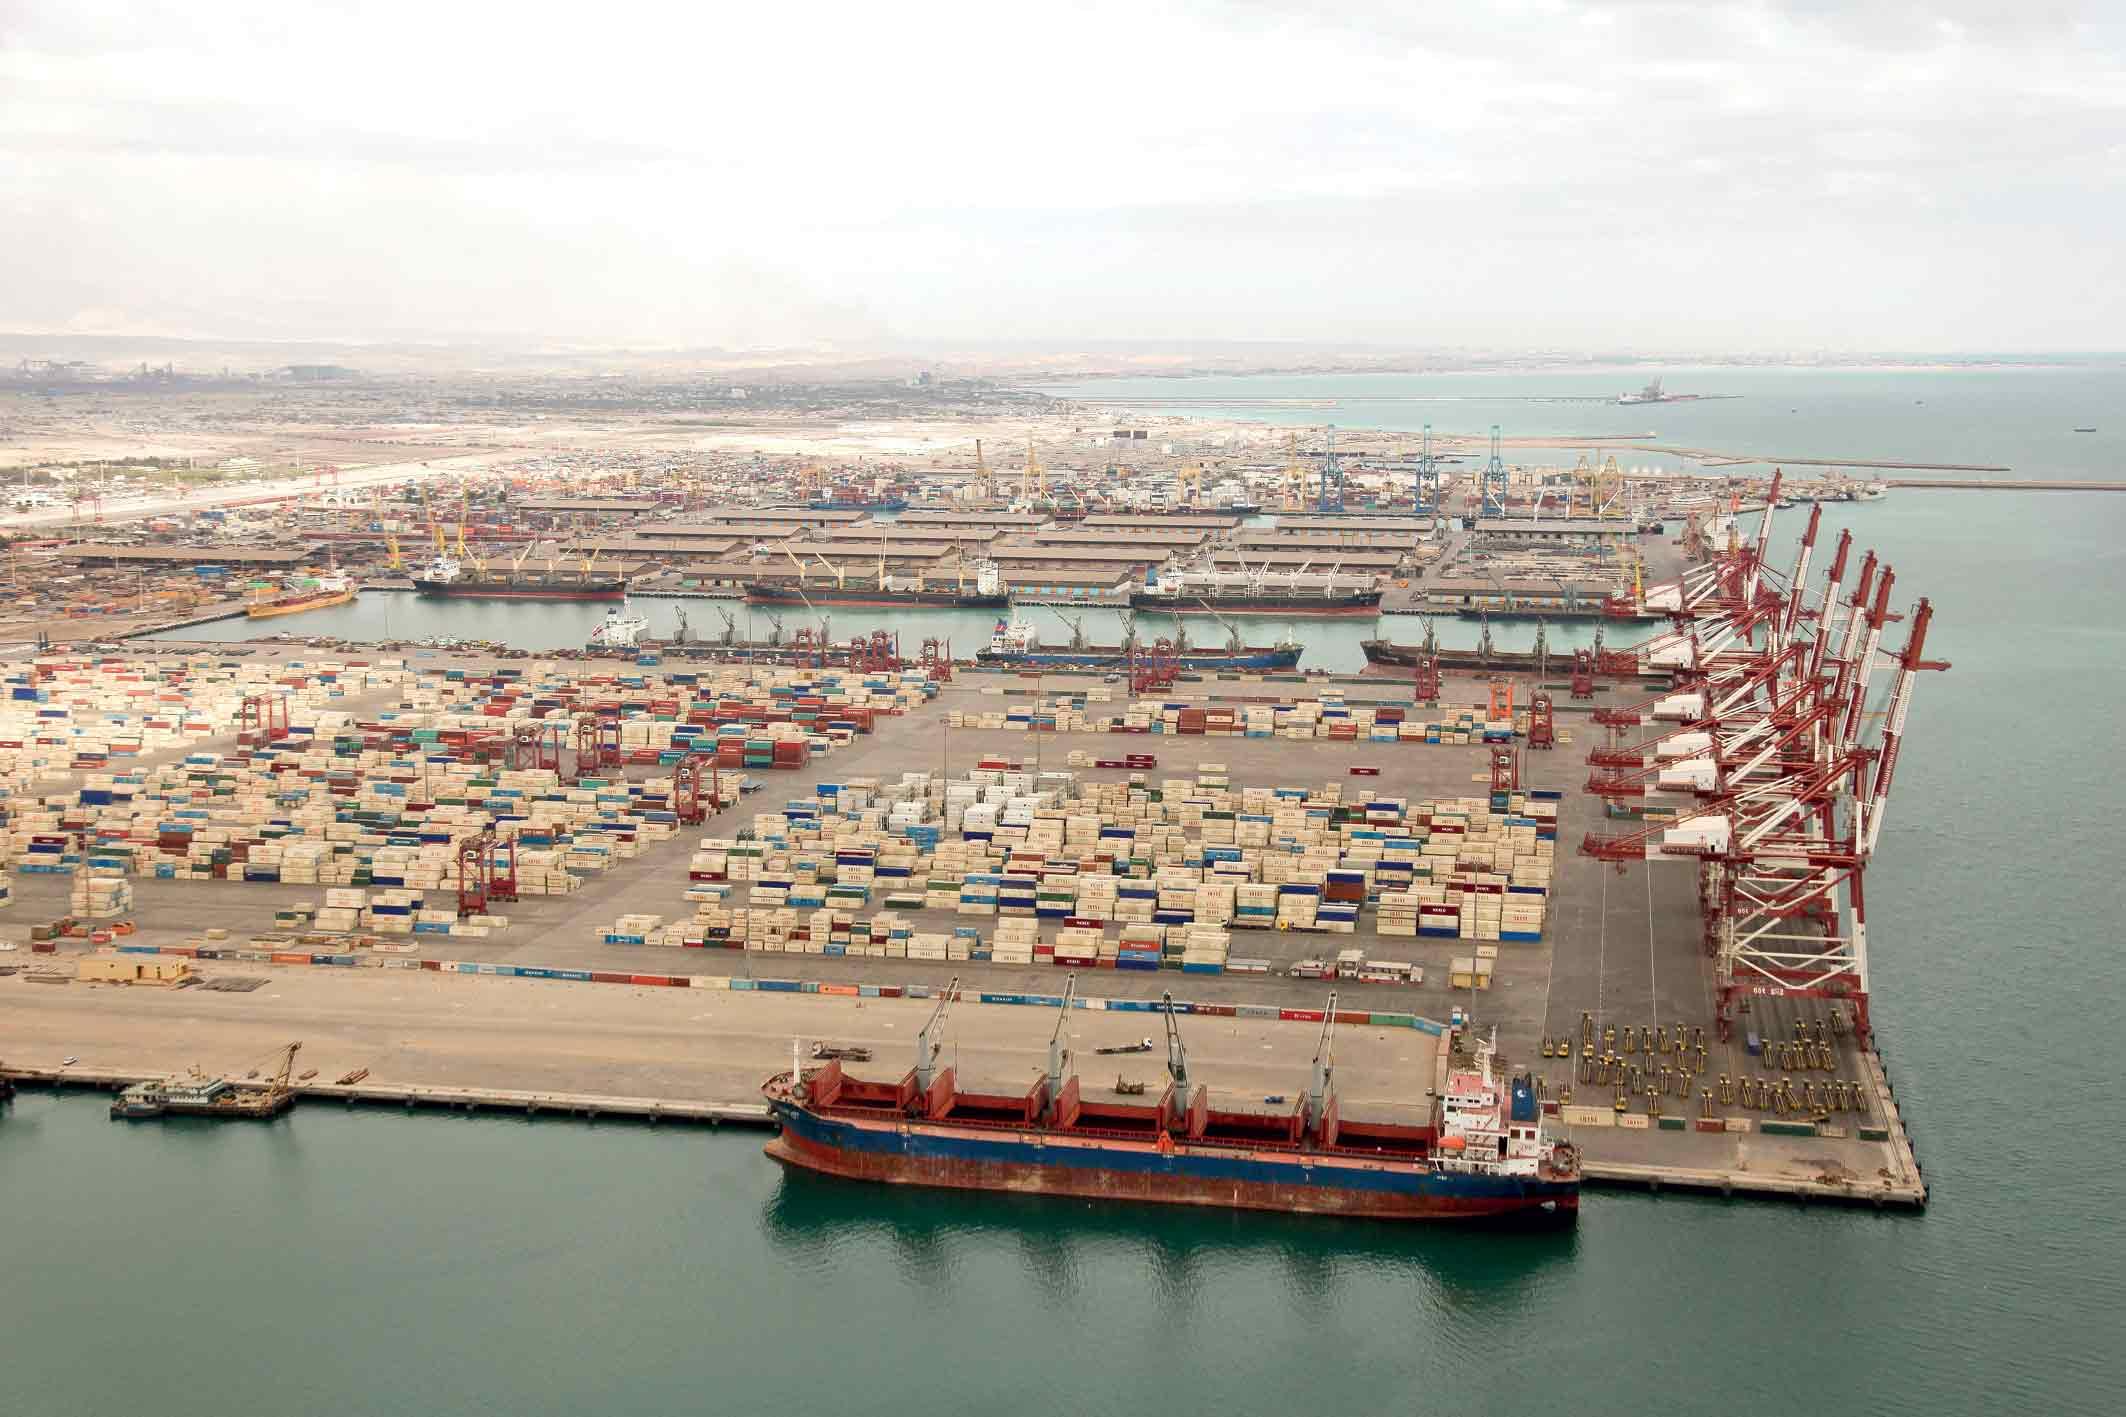 تخلیه و بارگیری ۳۳۱ فروند کشتی حامل فرآوردههای نفتی در بندر شهید رجایی